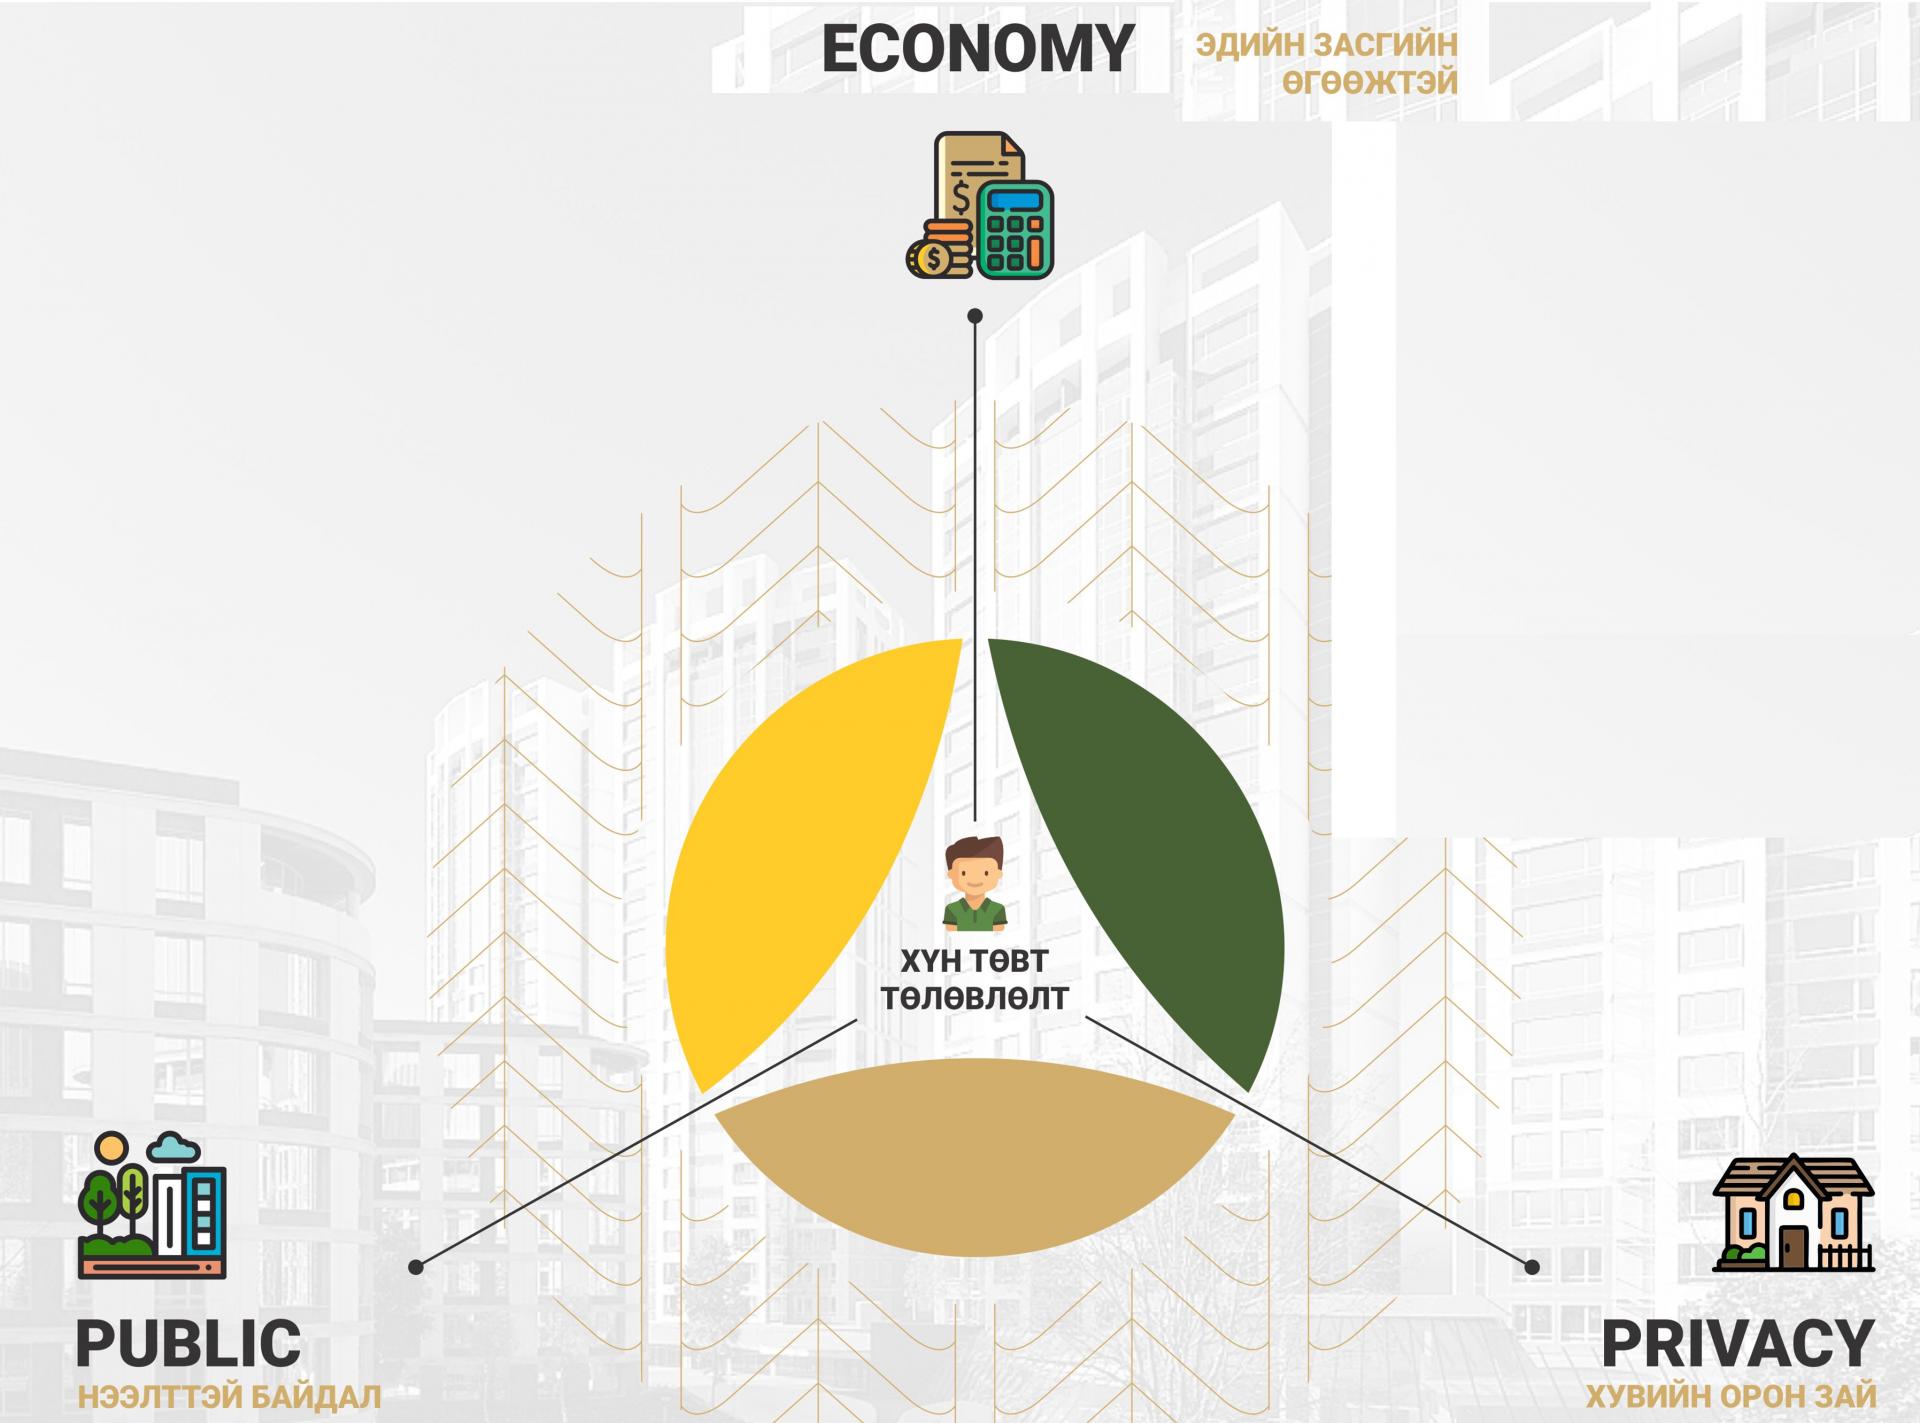 PALMSPRING төсөл яагаад эдийн засгийн хувьд үр ашигтай вэ?